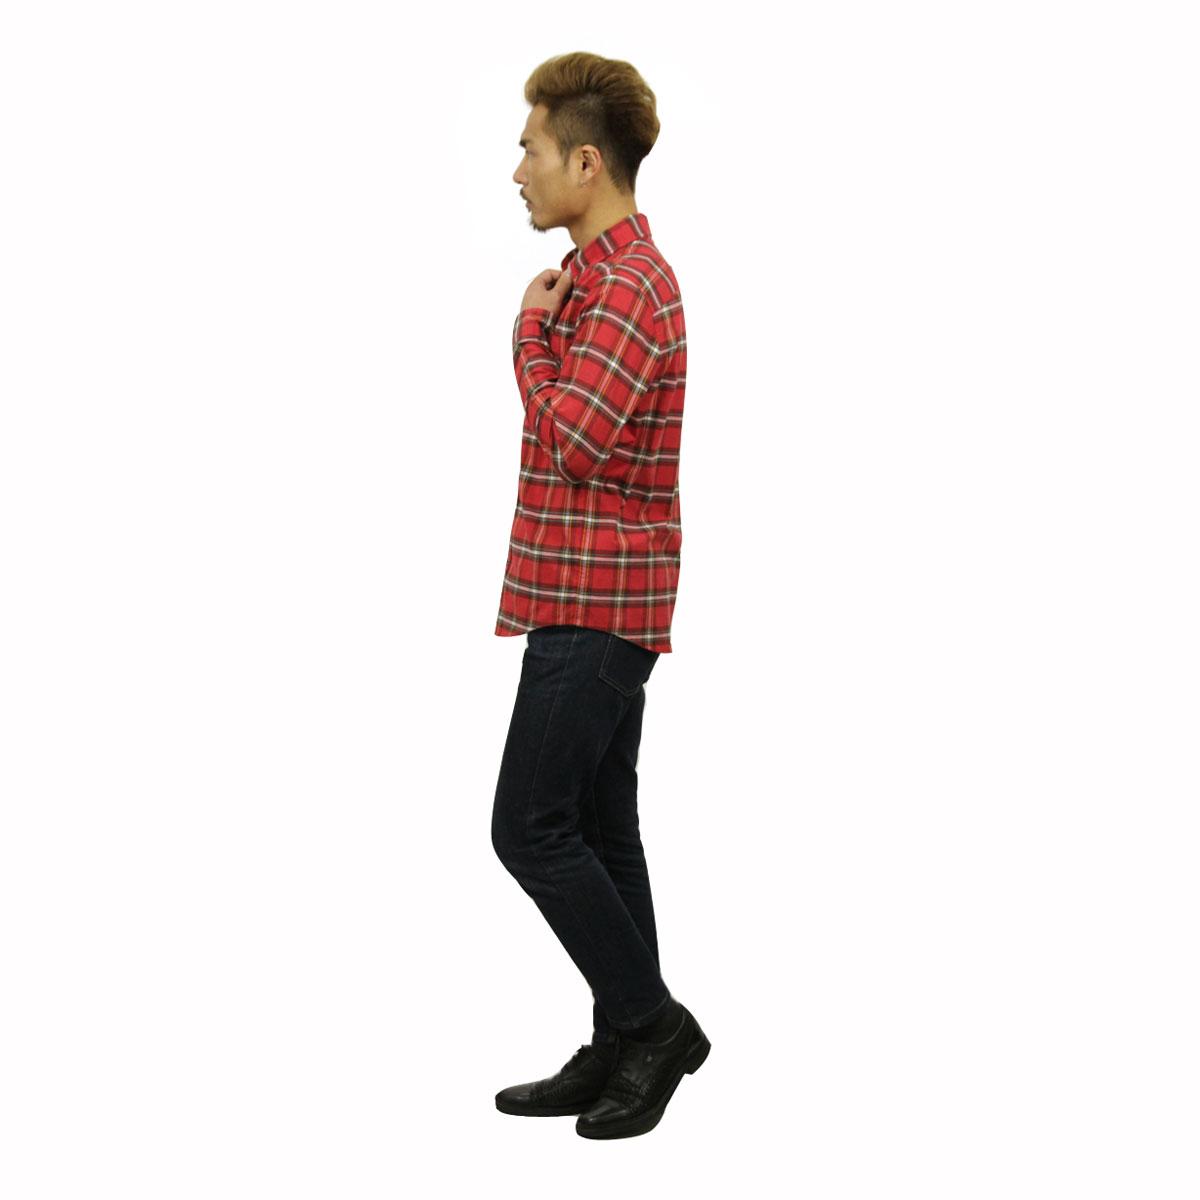 ホリスター HOLLISTER 正規品 メンズ 長袖シャツ  Plaid Poplin Shirt Epic Flex Slim Fit 325-259-1584-508